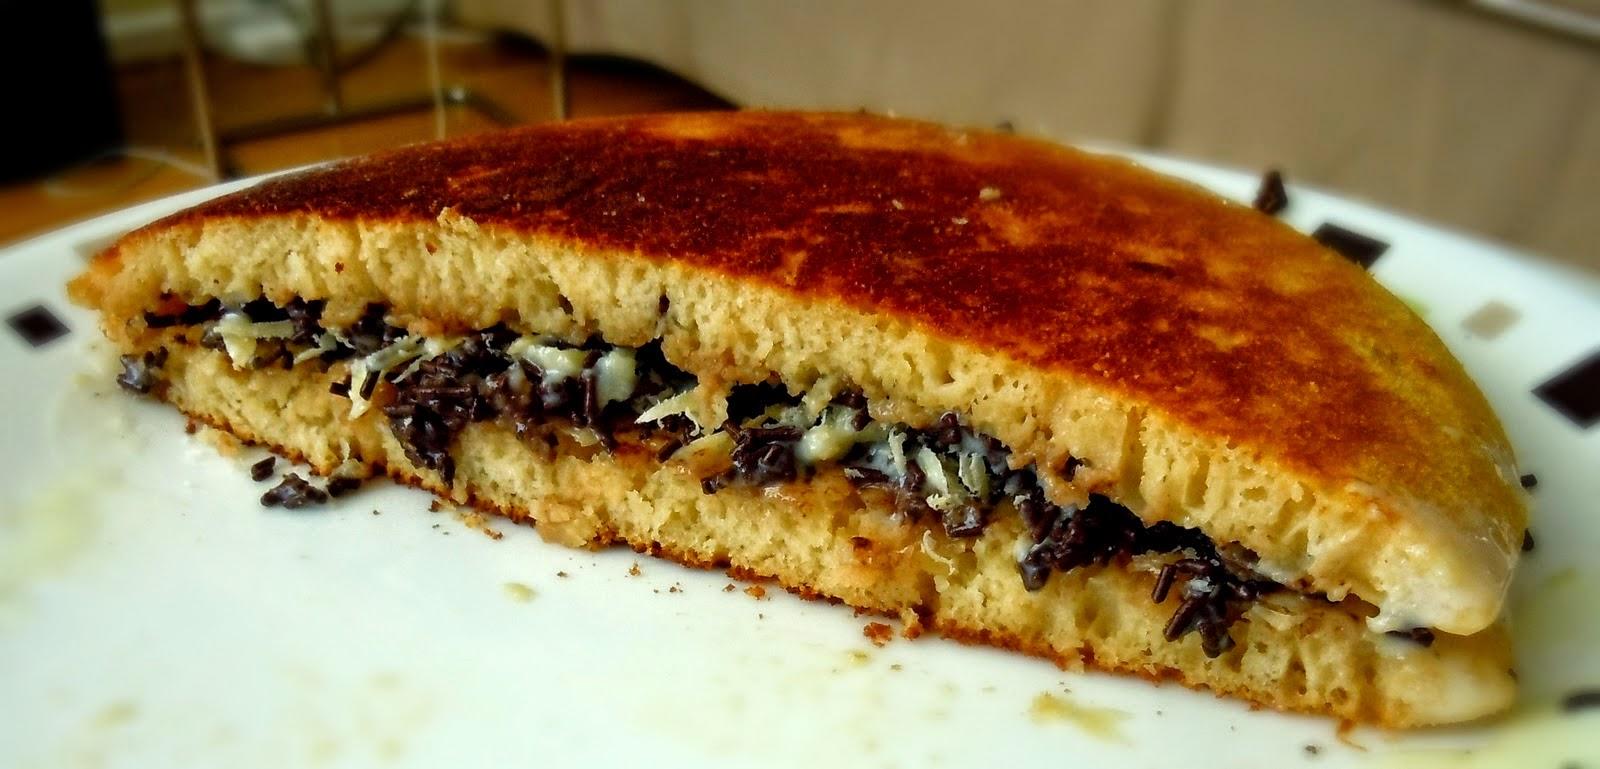 Contoh Proposal usaha makanan Martabak Manis - Deqwan1 Blog